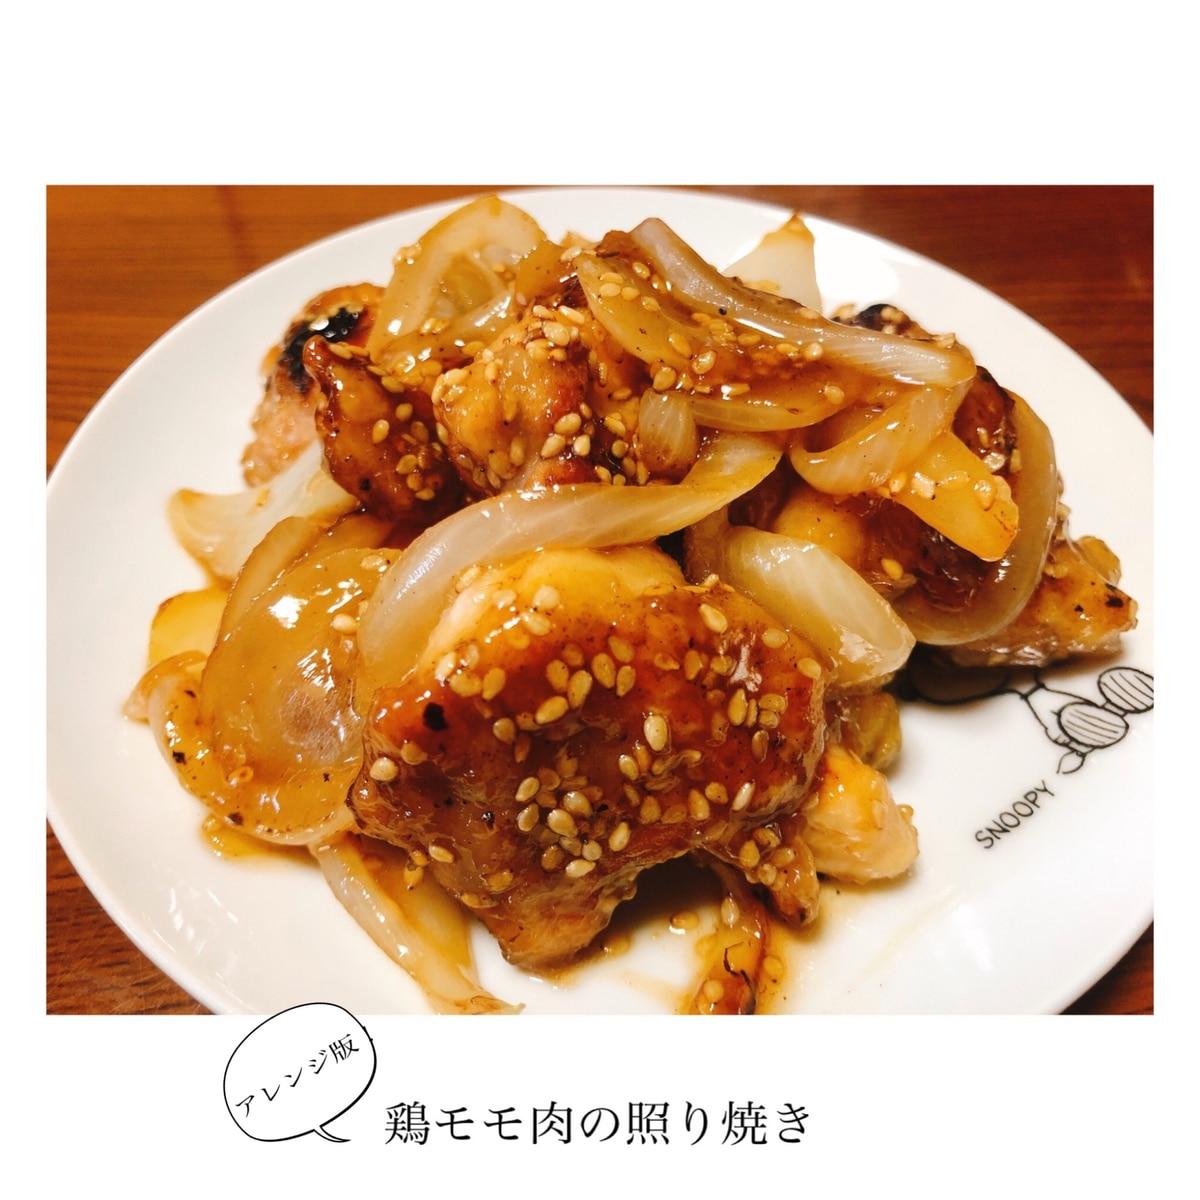 レシピ 鶏肉 照り 焼き